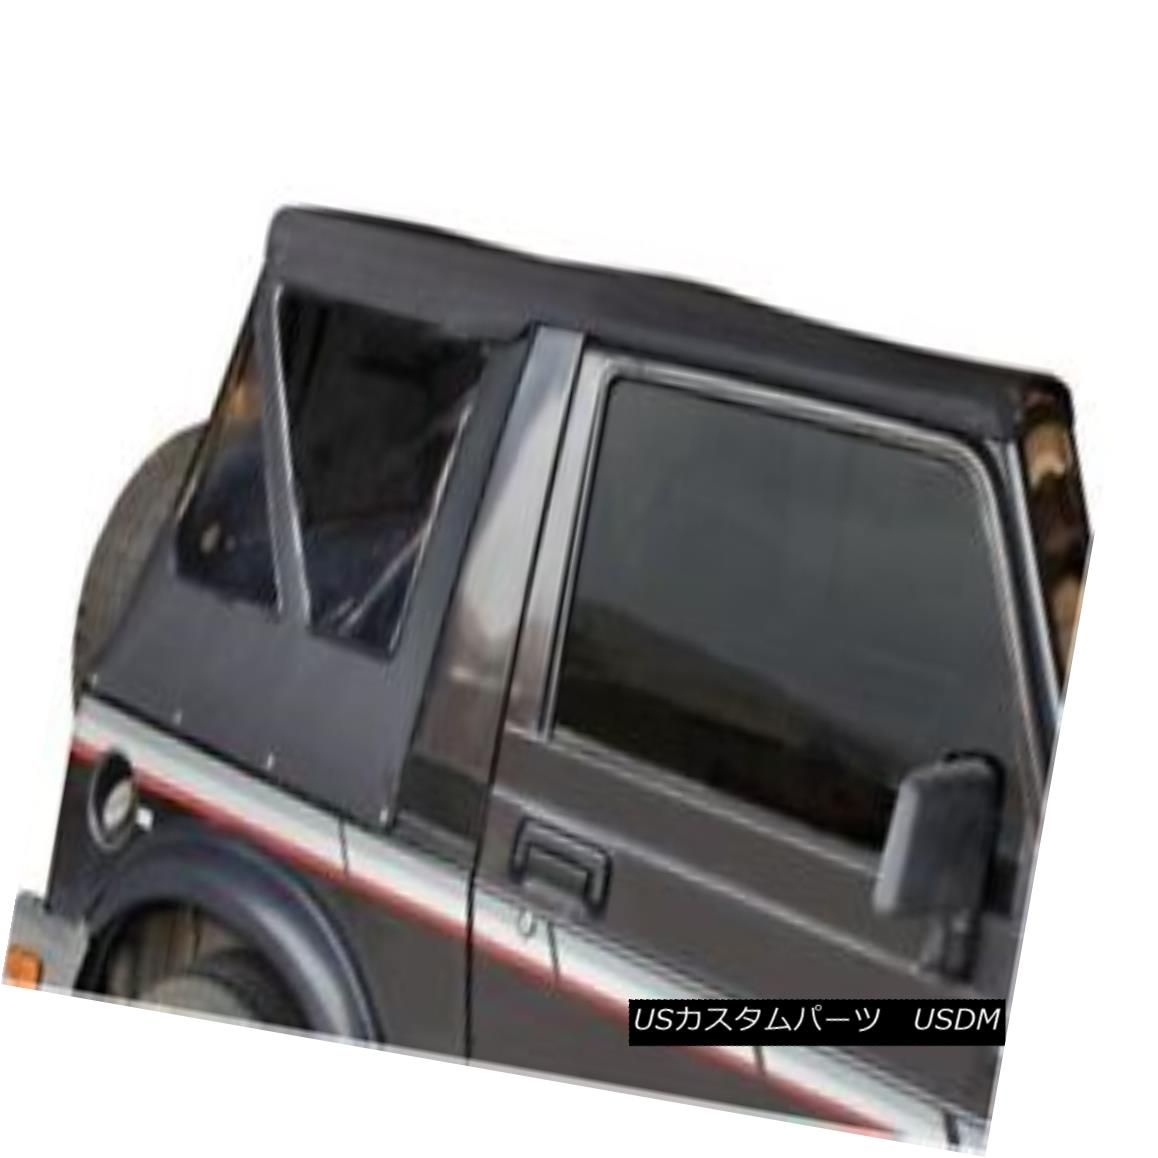 幌・ソフトトップ Rampage - Black Diamond OE Soft Top-98535 ランペイジ - ブラックダイヤモンドOEソフトトップ98535